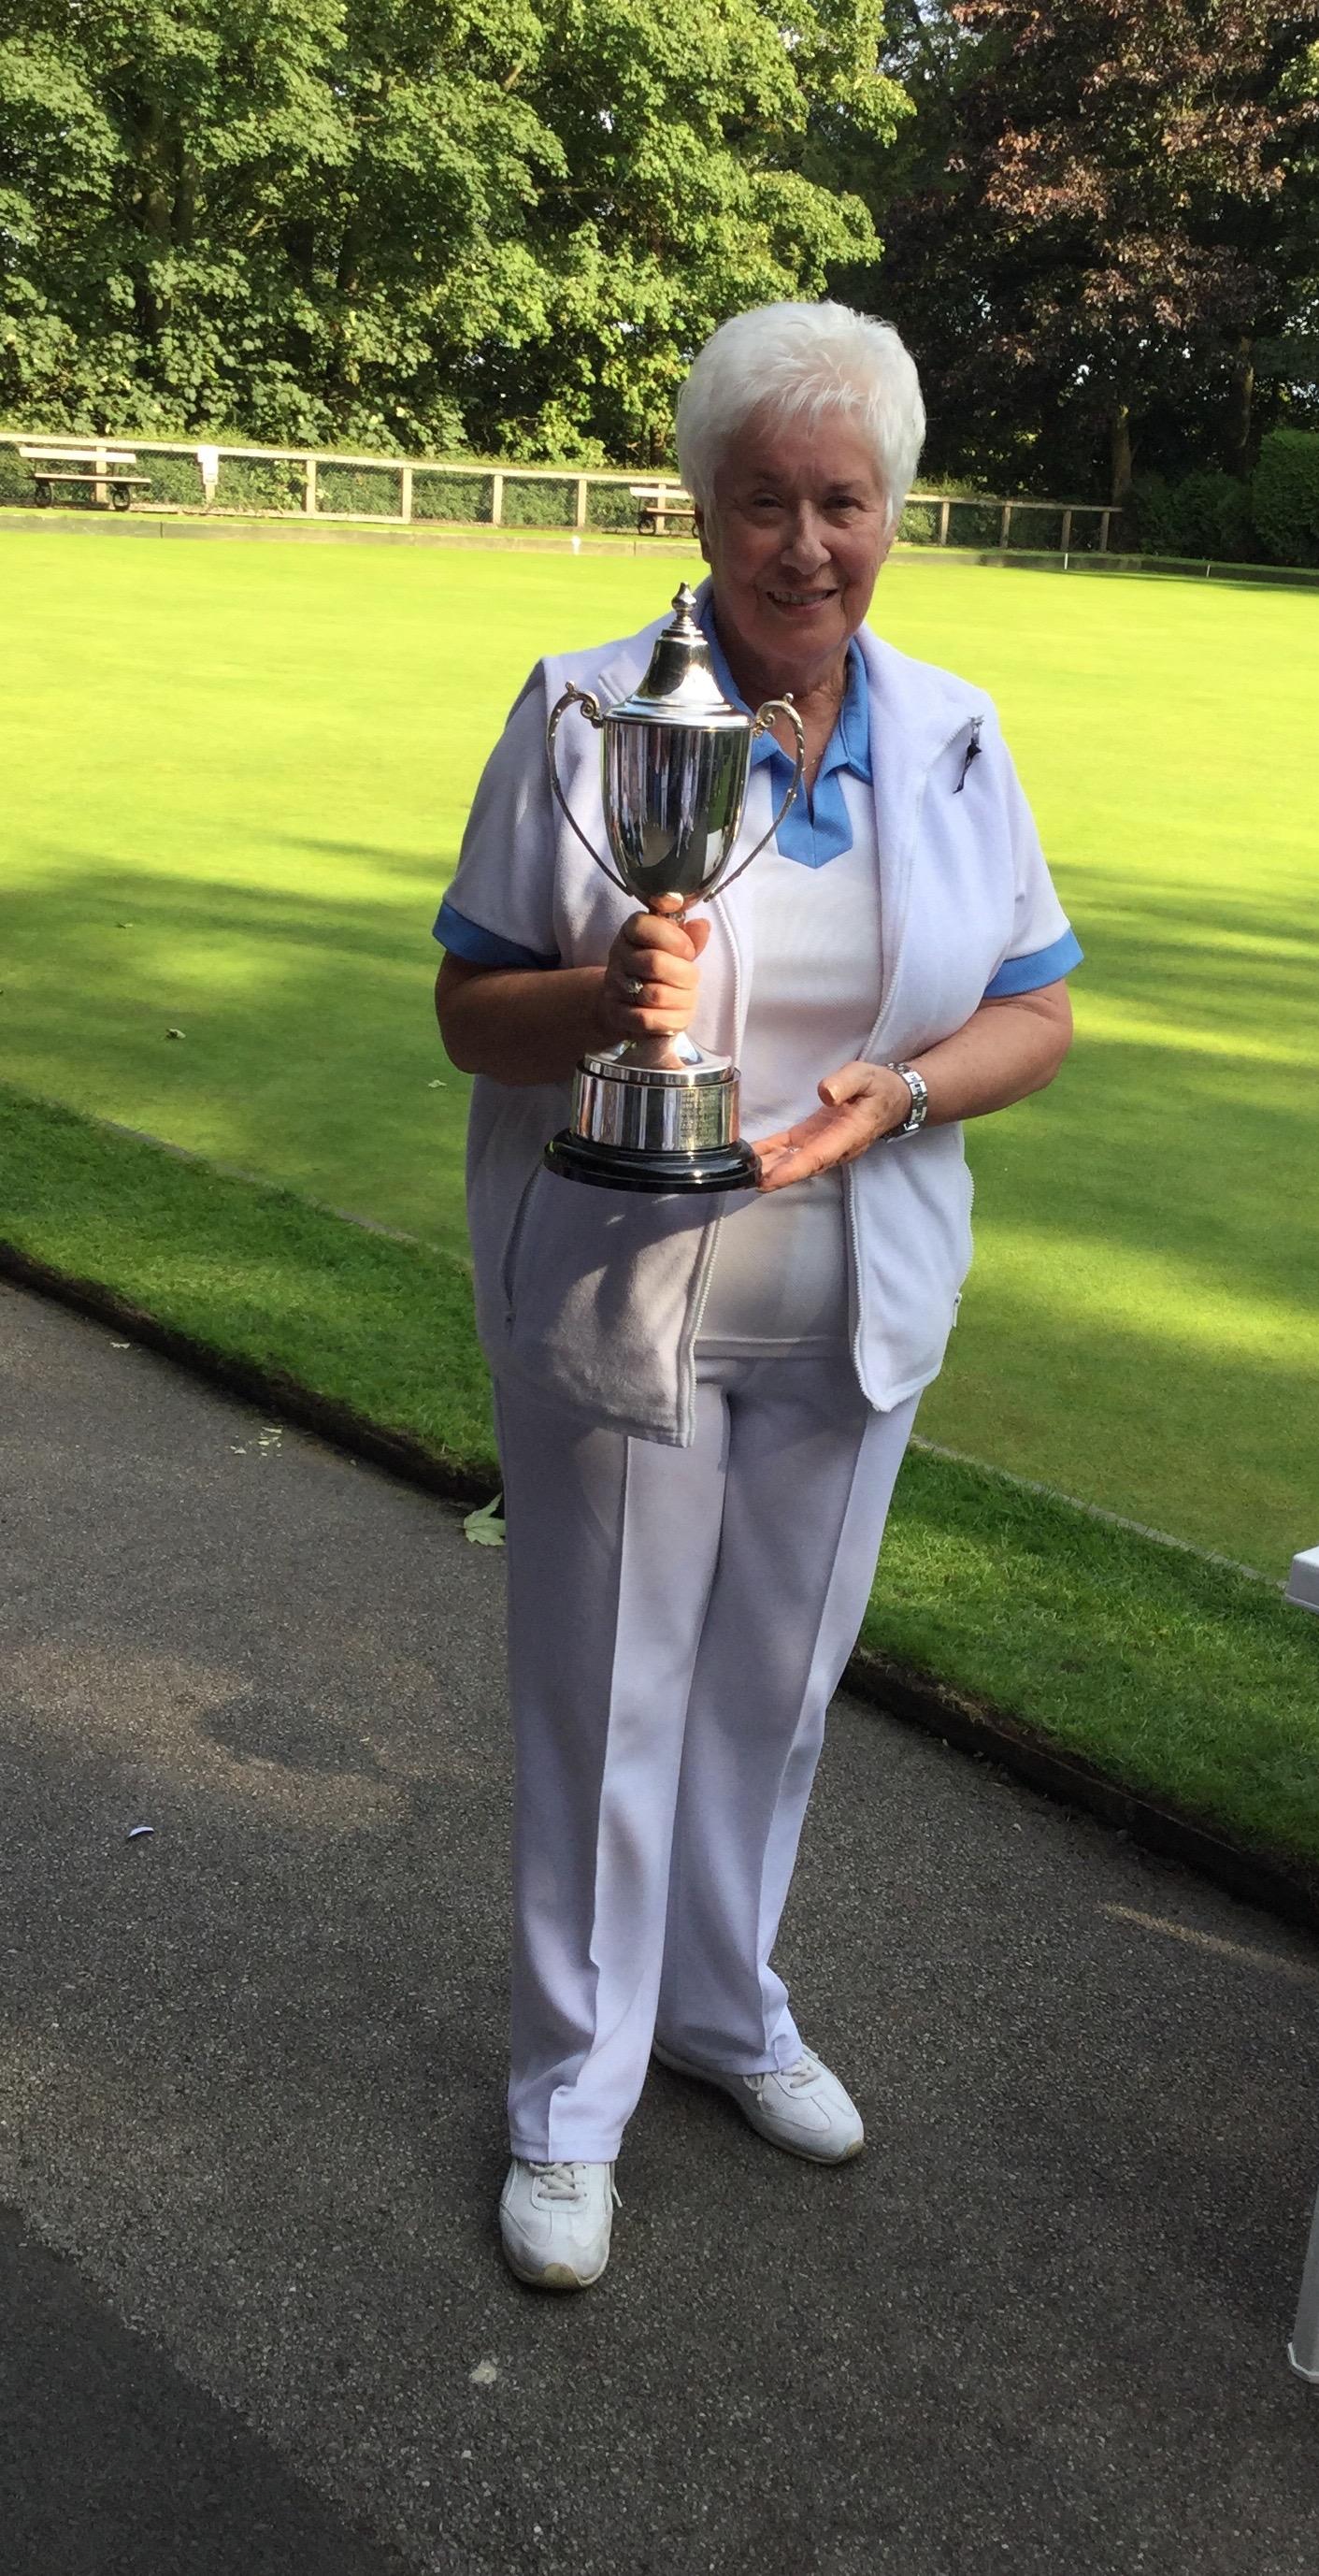 Winner Glenda Emmett